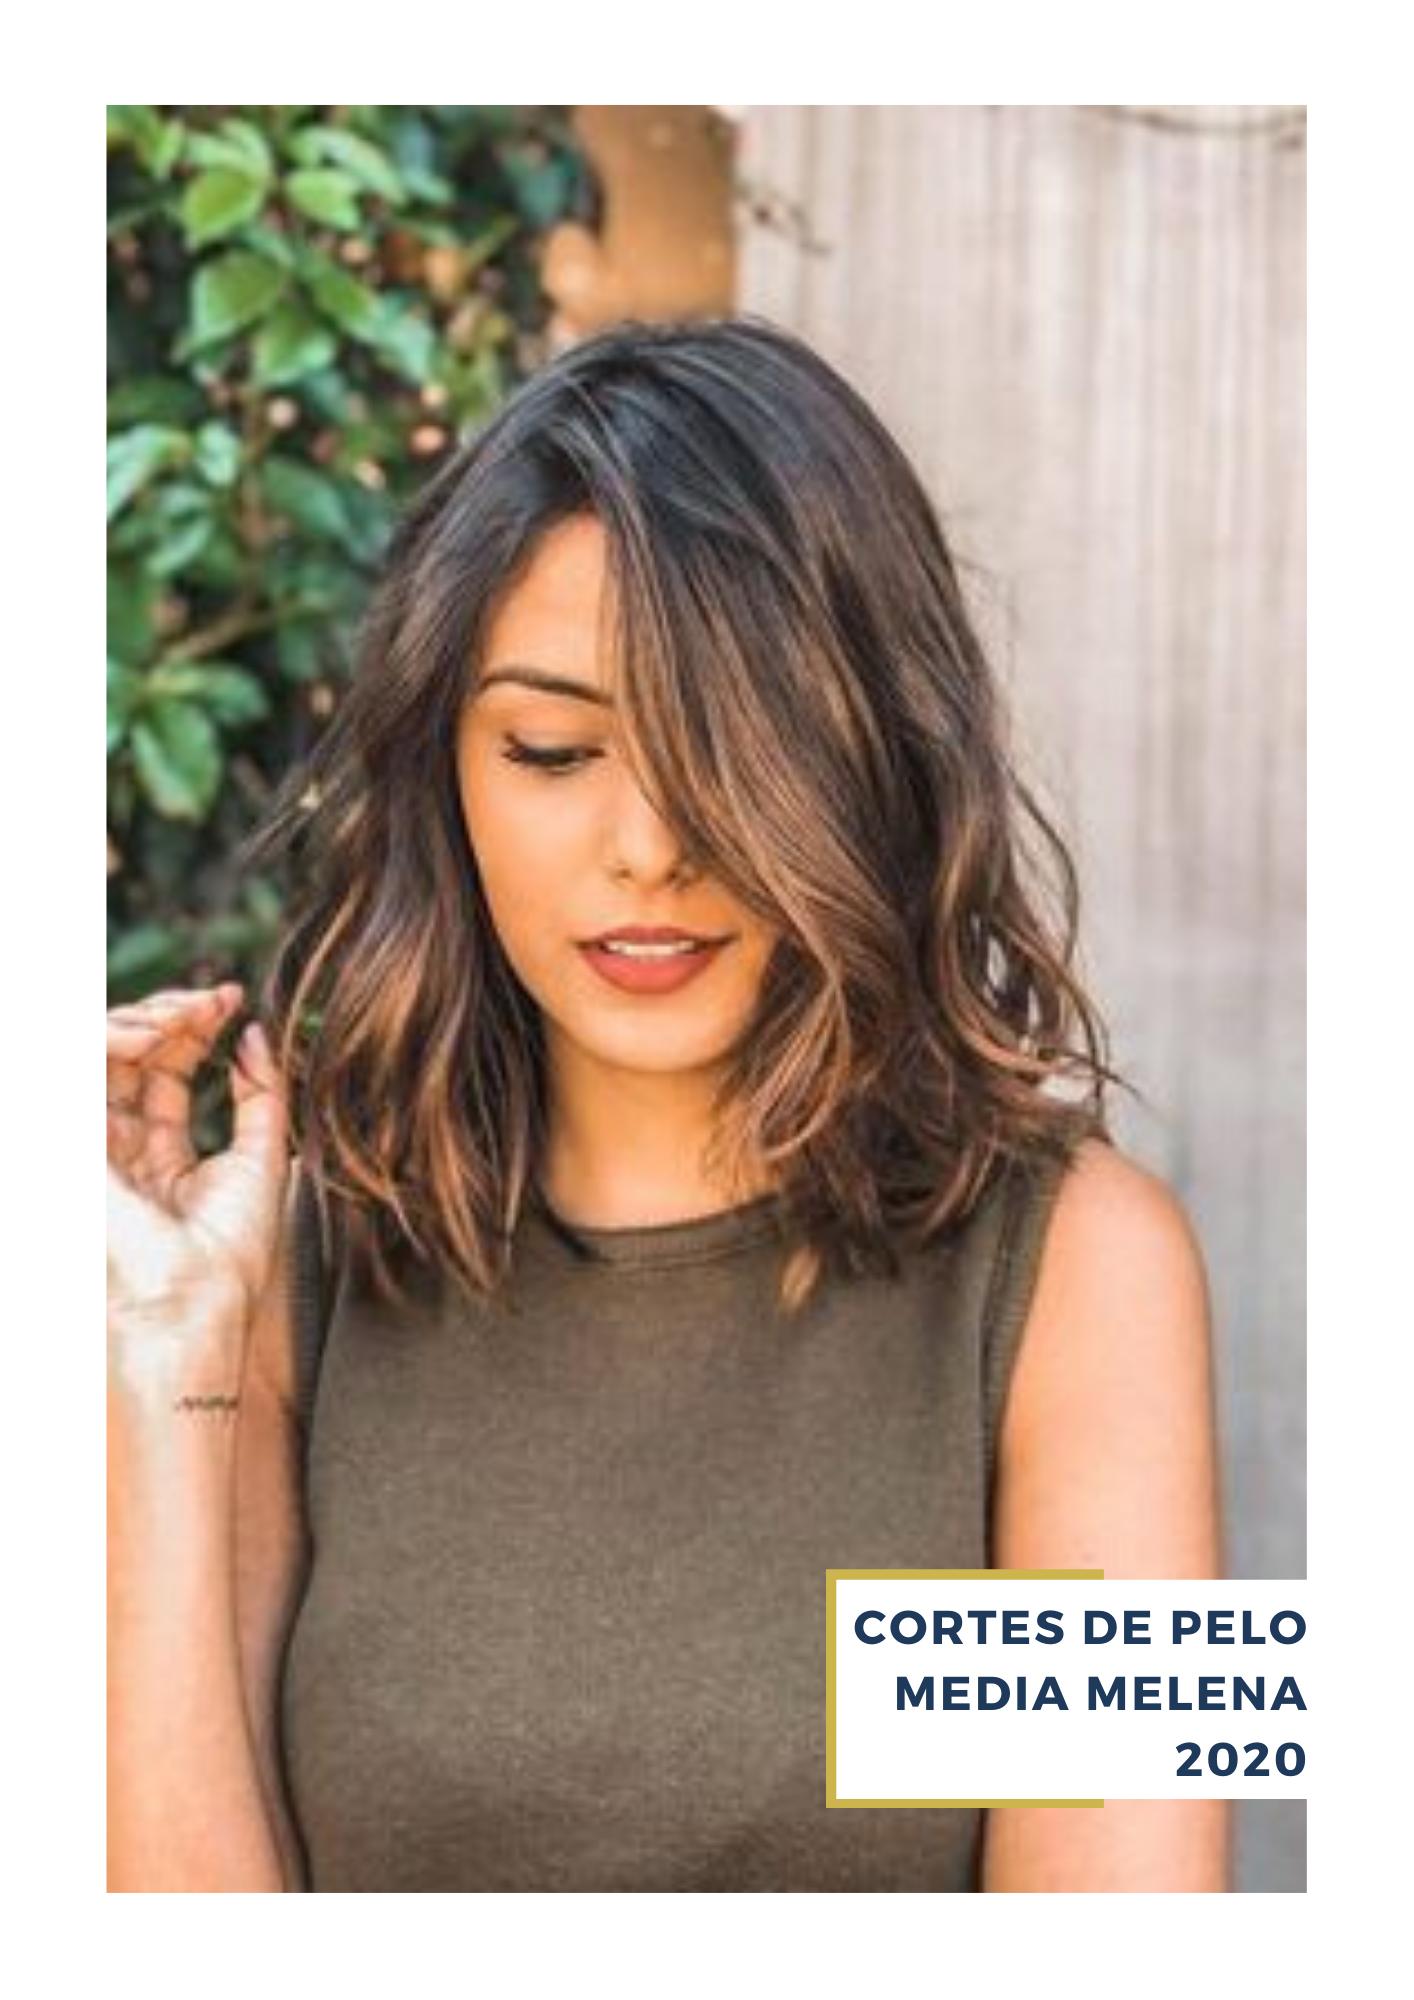 Pin En Cortes De Pelo Media Melena 2020